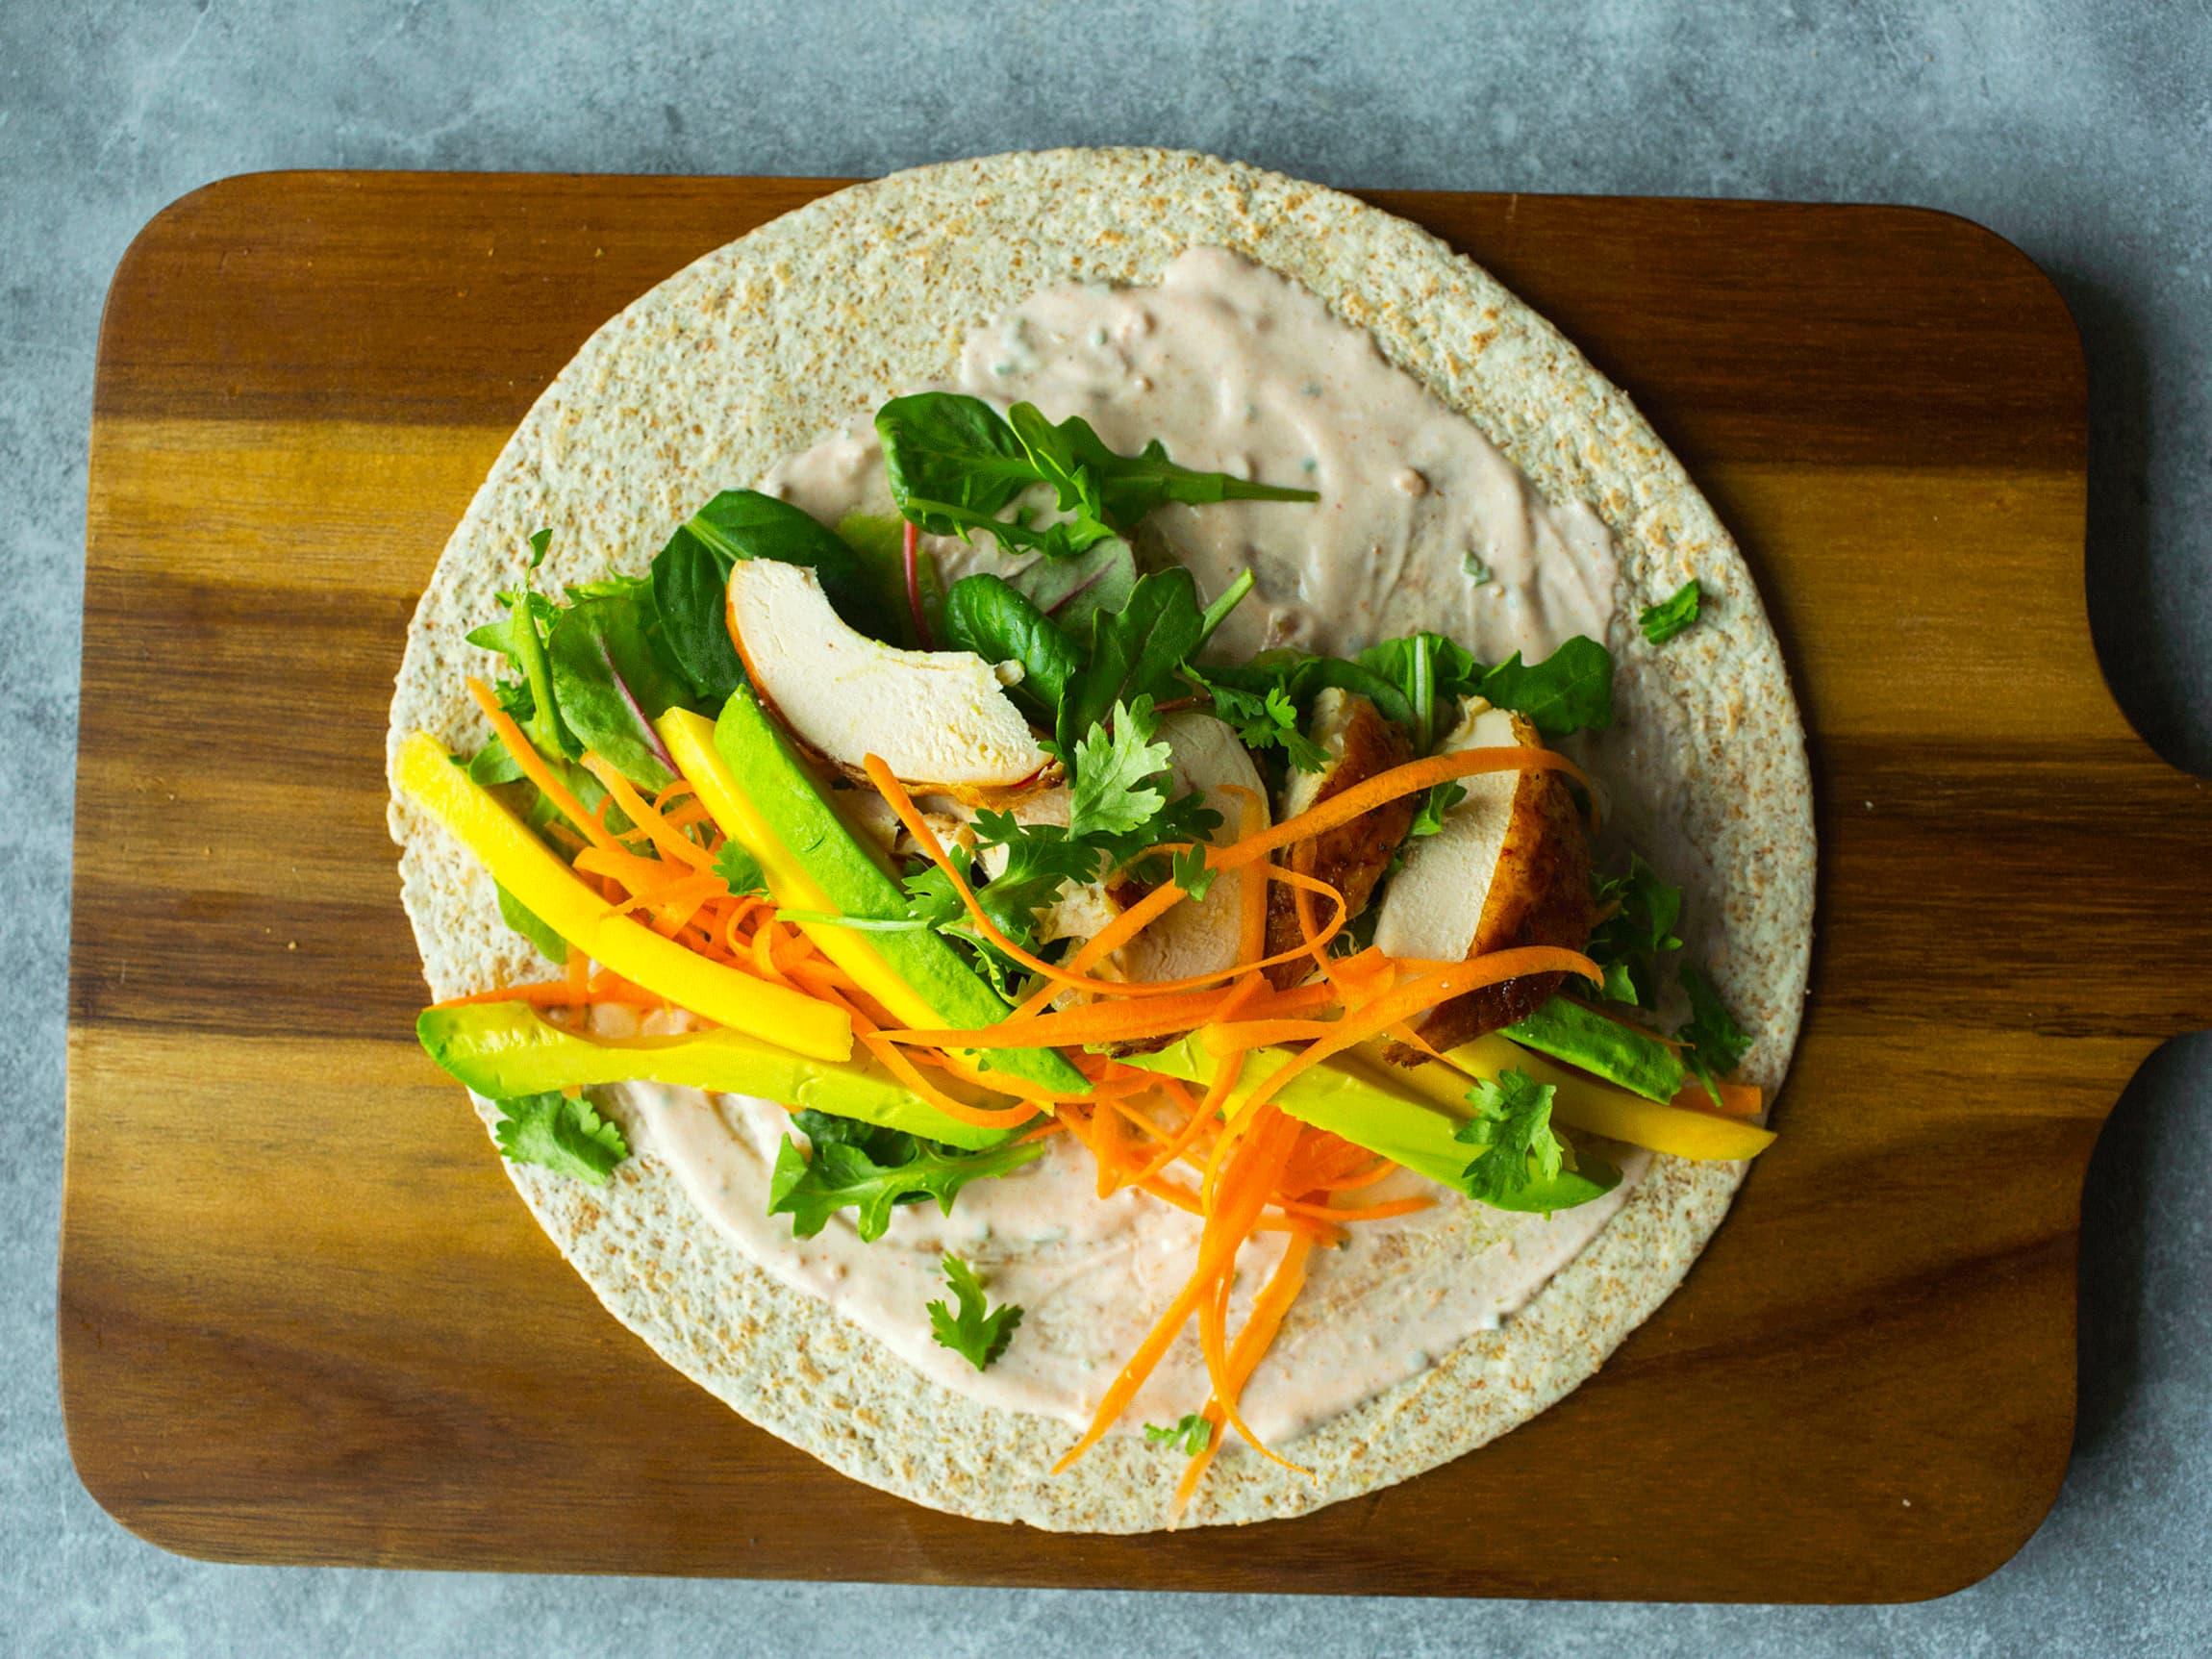 Smør rømme og salsa i grove wraps. Topp med strimlet kylling, mango, avokado og grønnsaker.